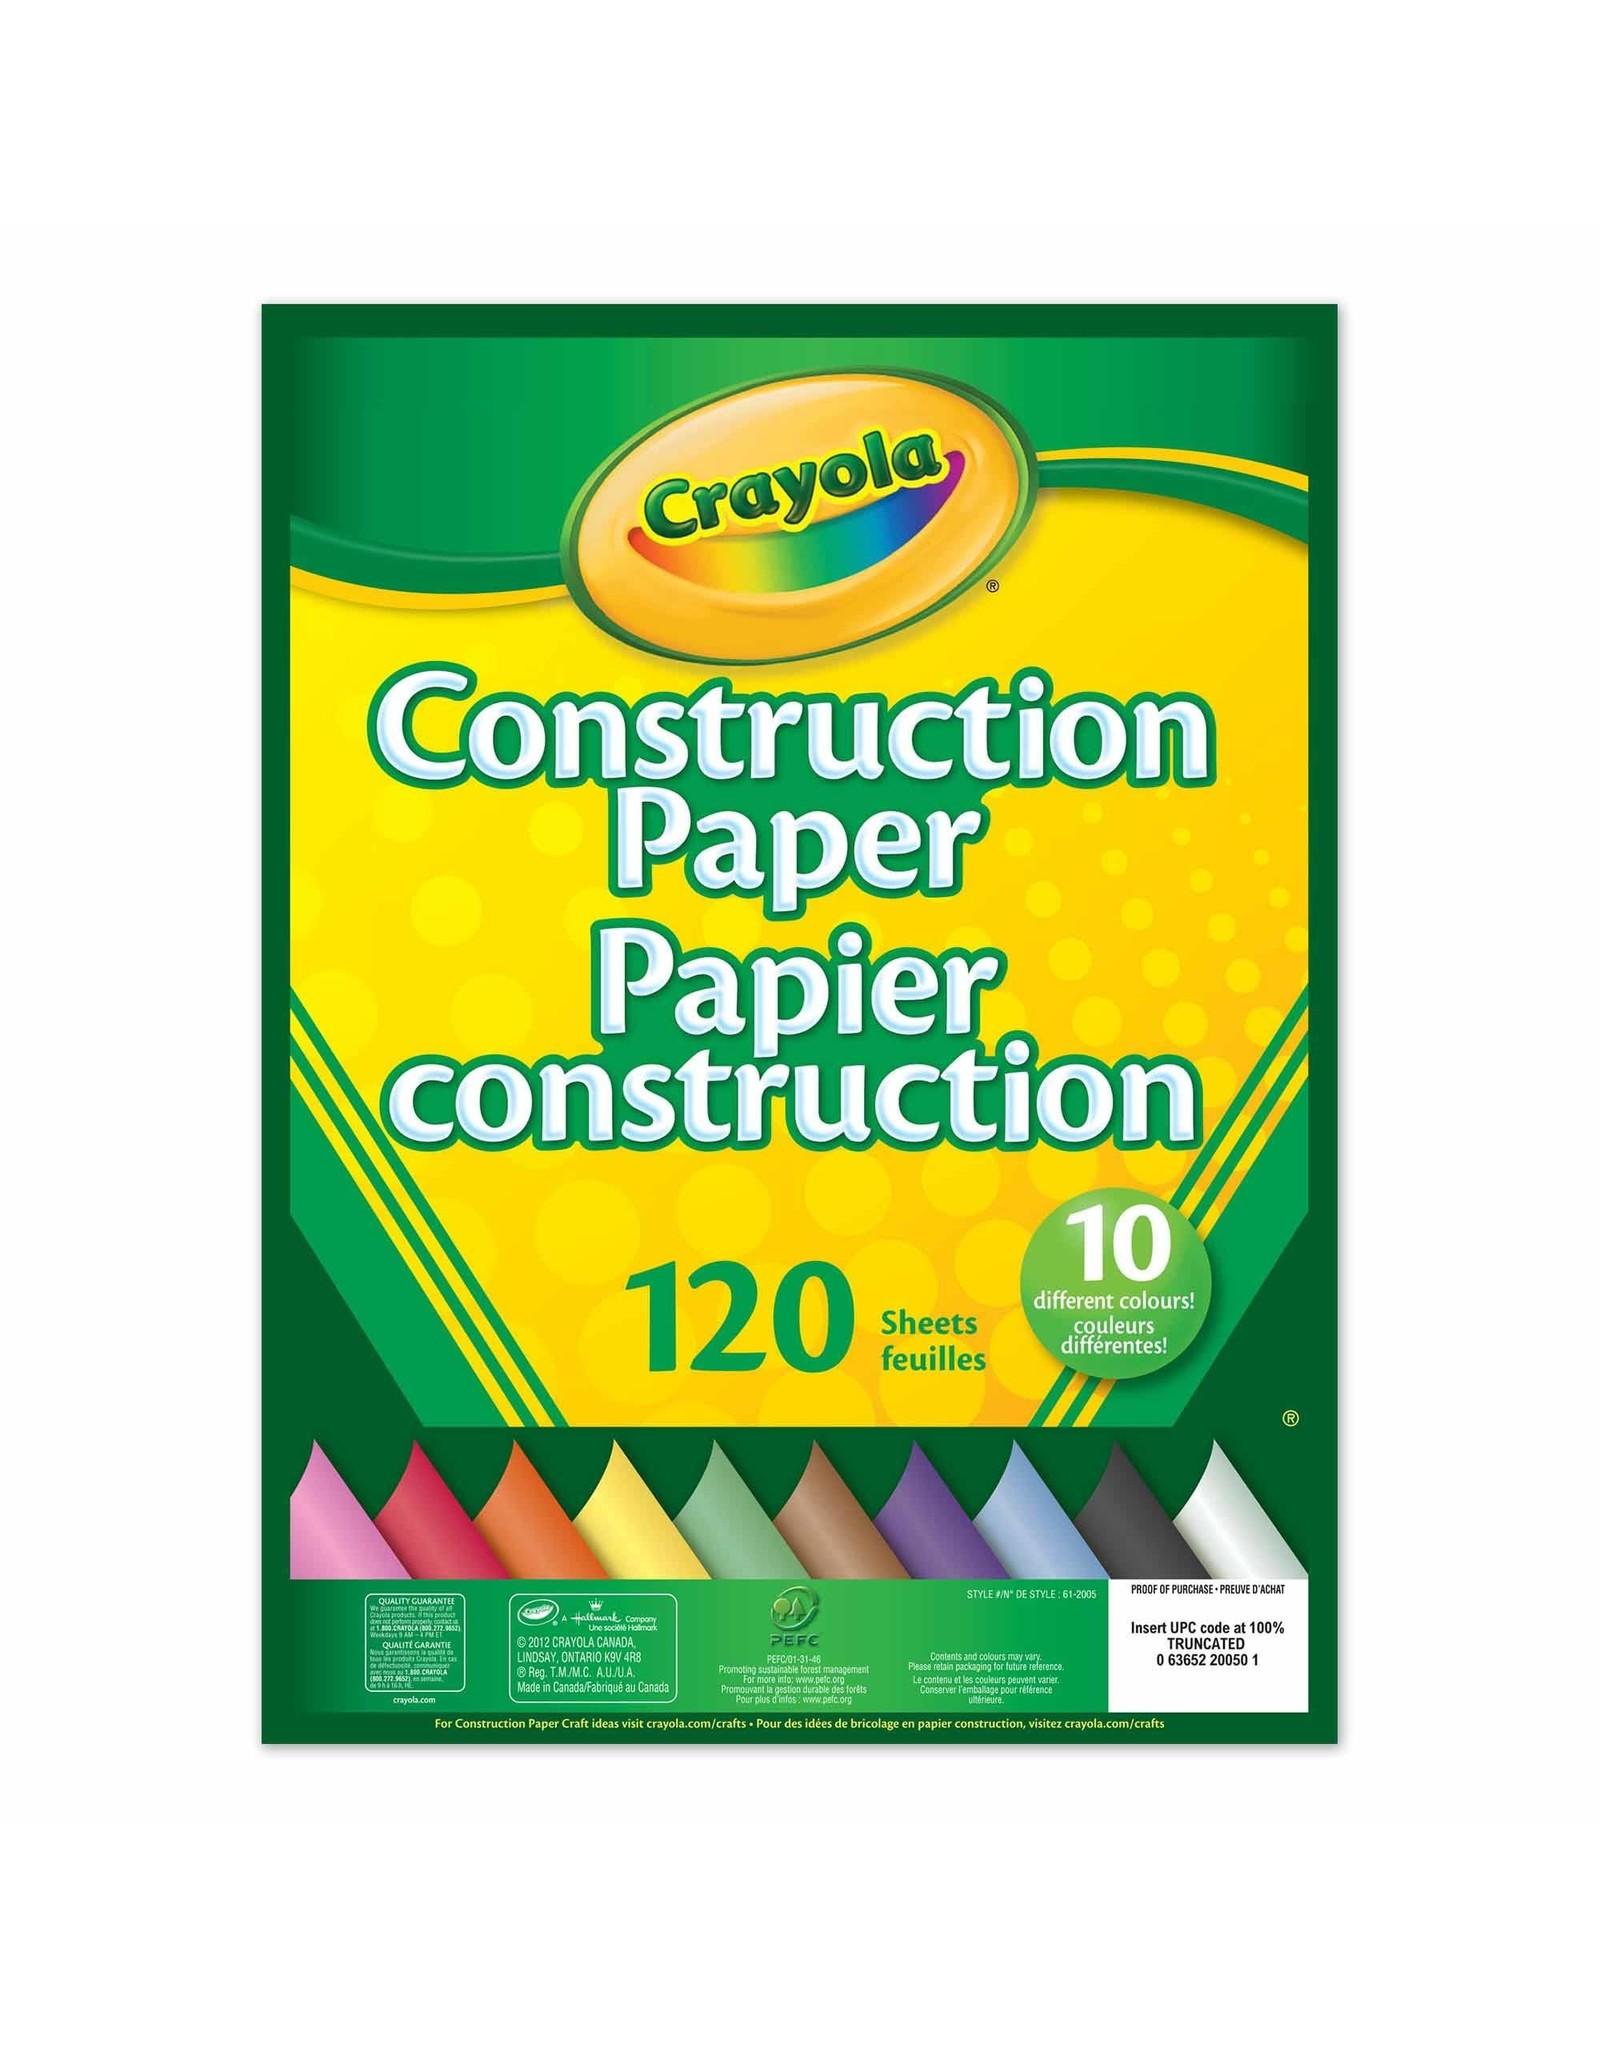 Crayola Crayola 120 count Construction Paper